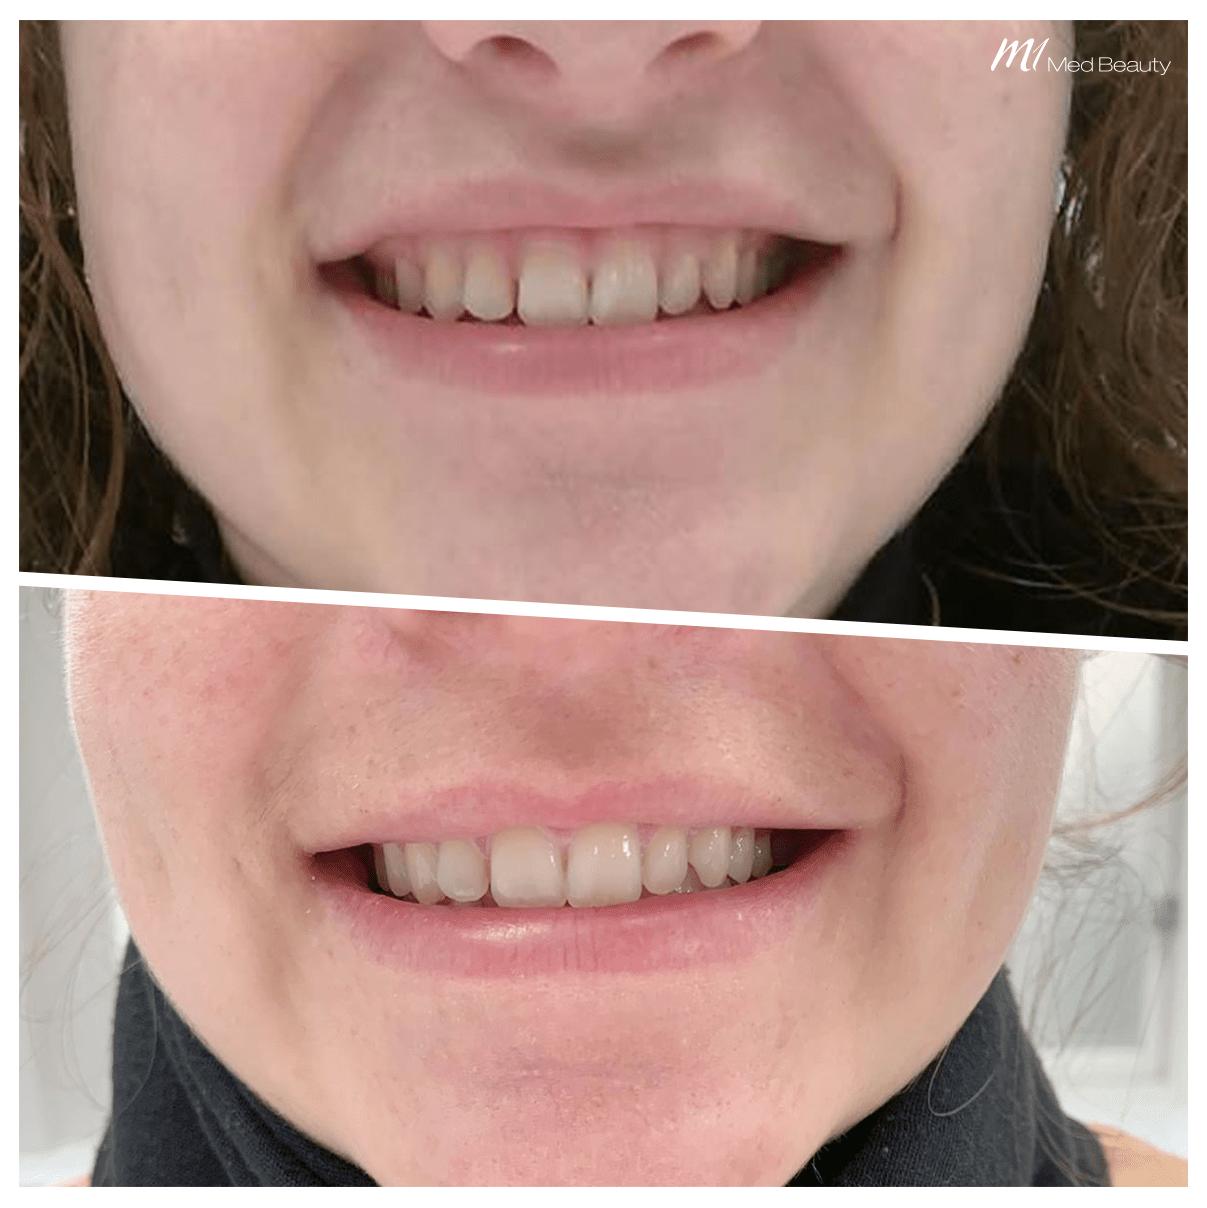 Gummy Smile at M1 Med Beauty